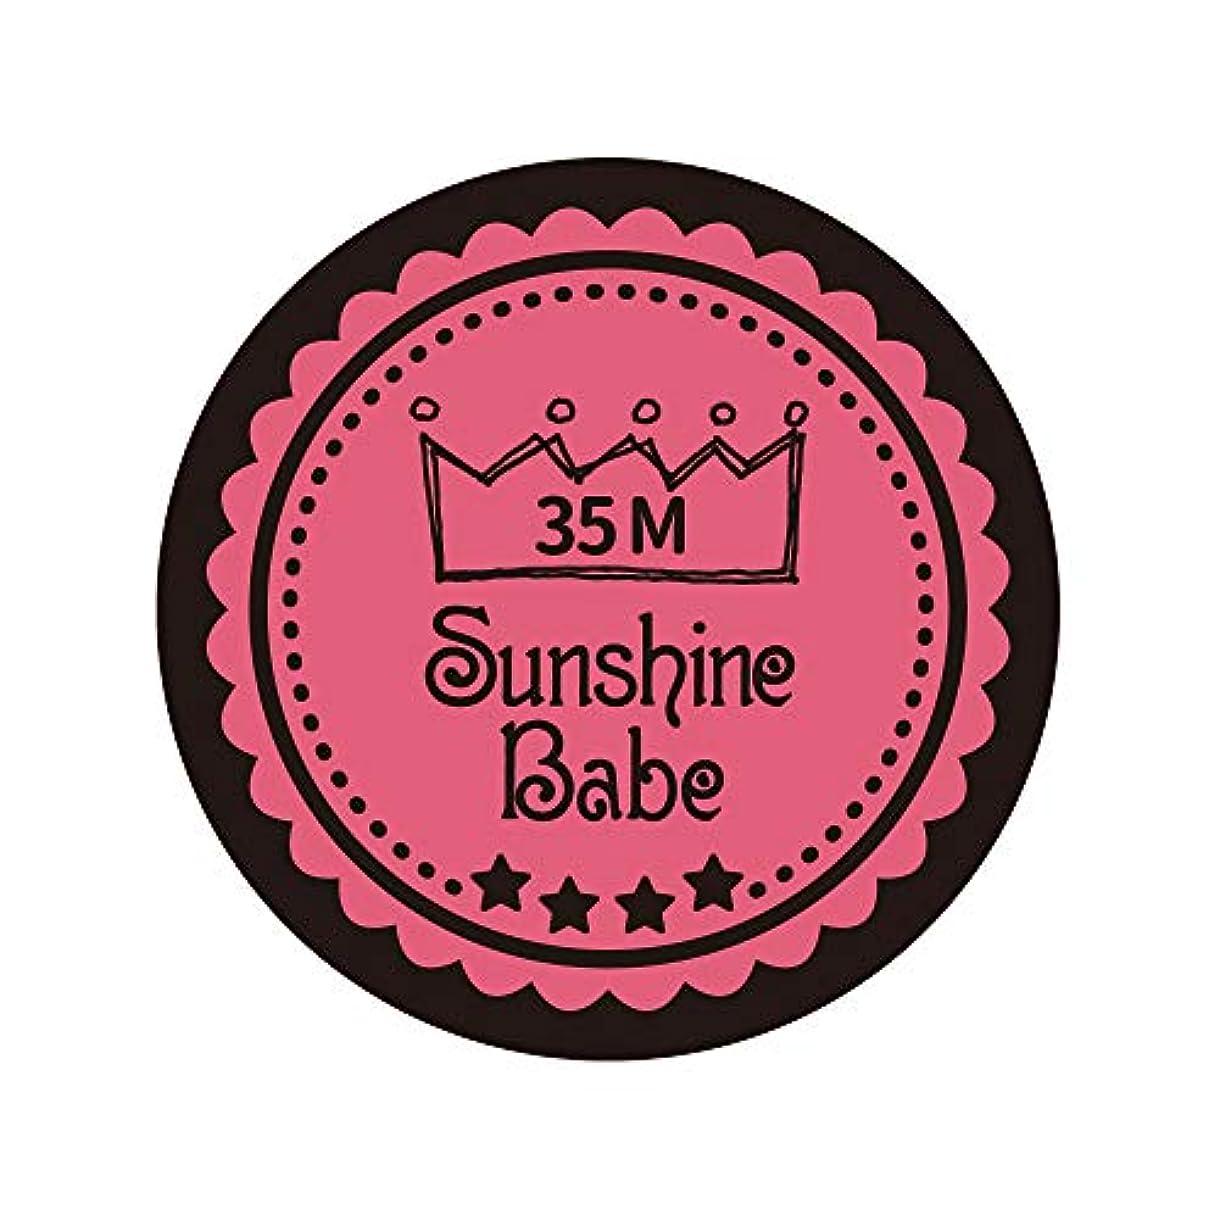 超えて人工的な到着するSunshine Babe カラージェル 35M ローズピンク 4g UV/LED対応